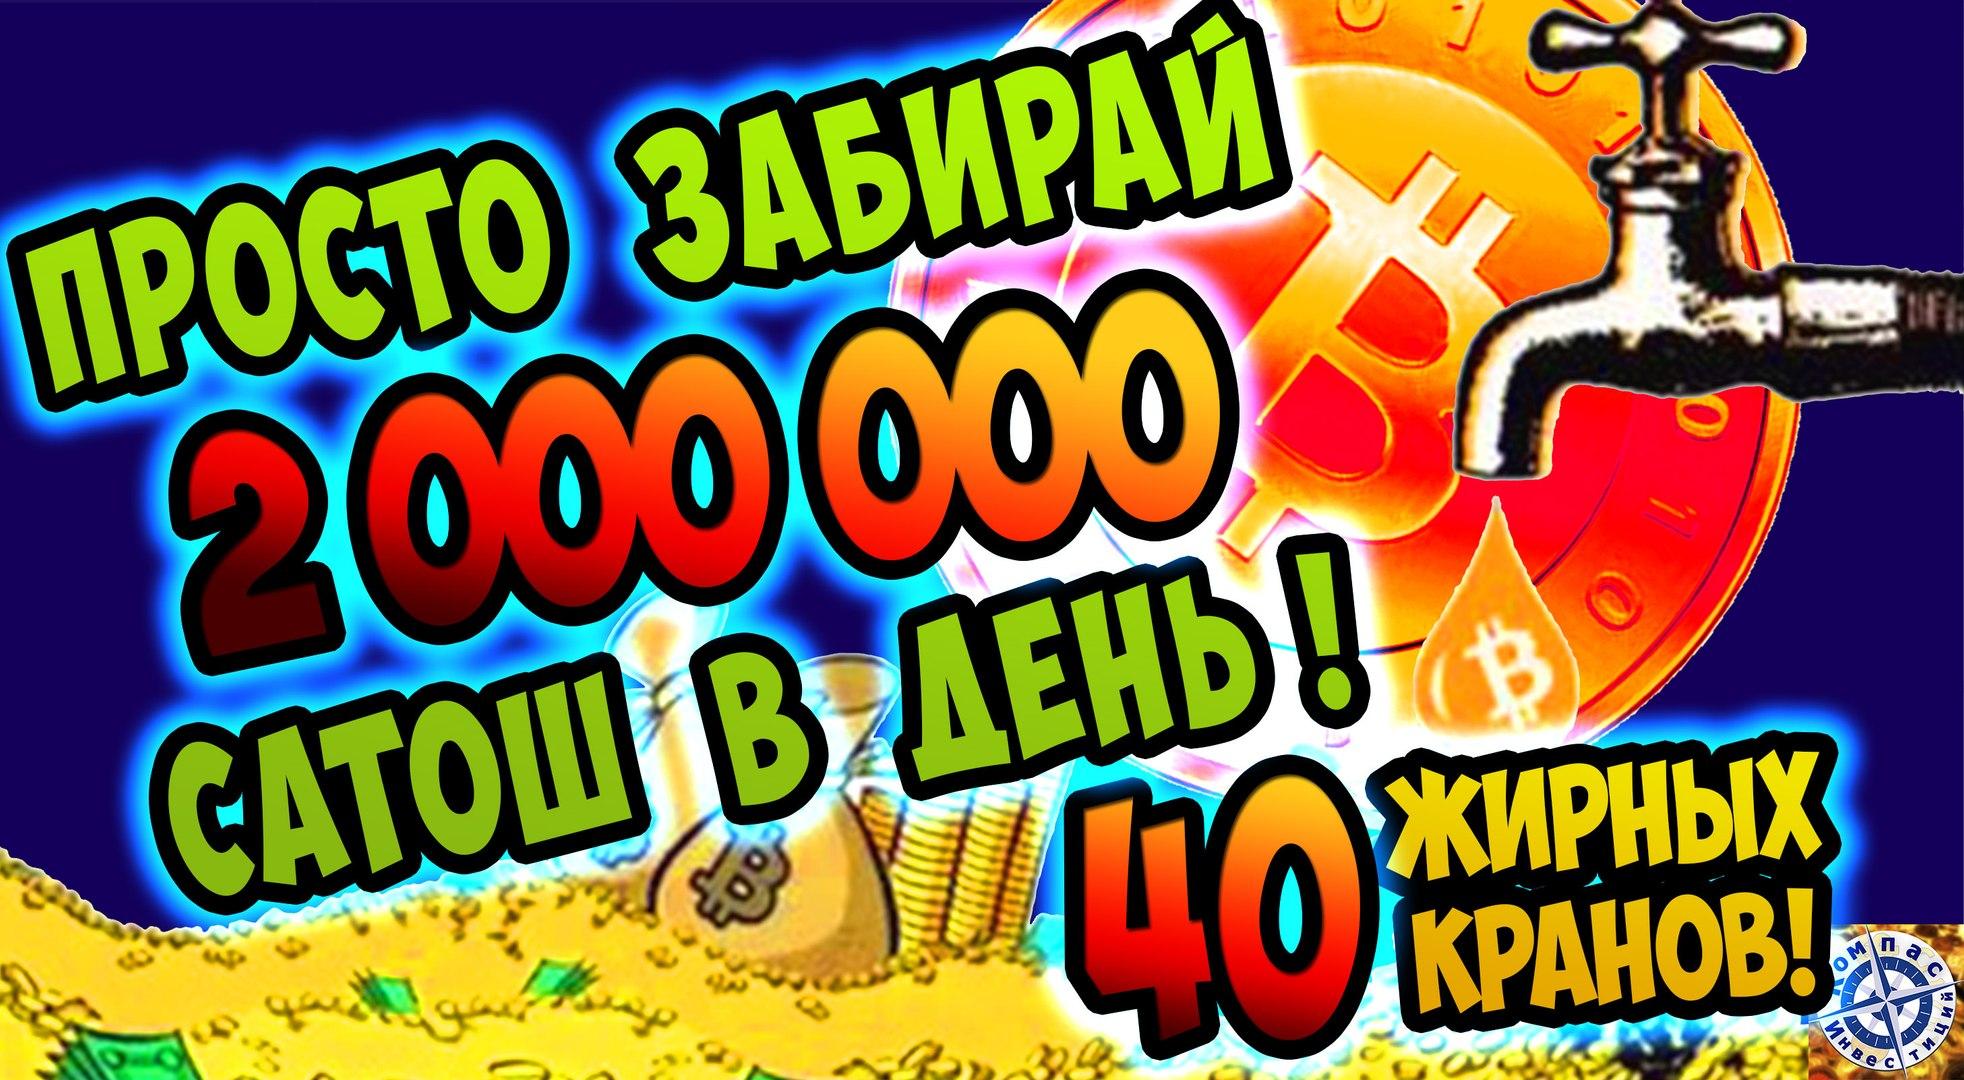 2 000 000 сатошей в день с 16 самых жирных кранов ( free bitcoin ) как собрать биткоины бесплатно